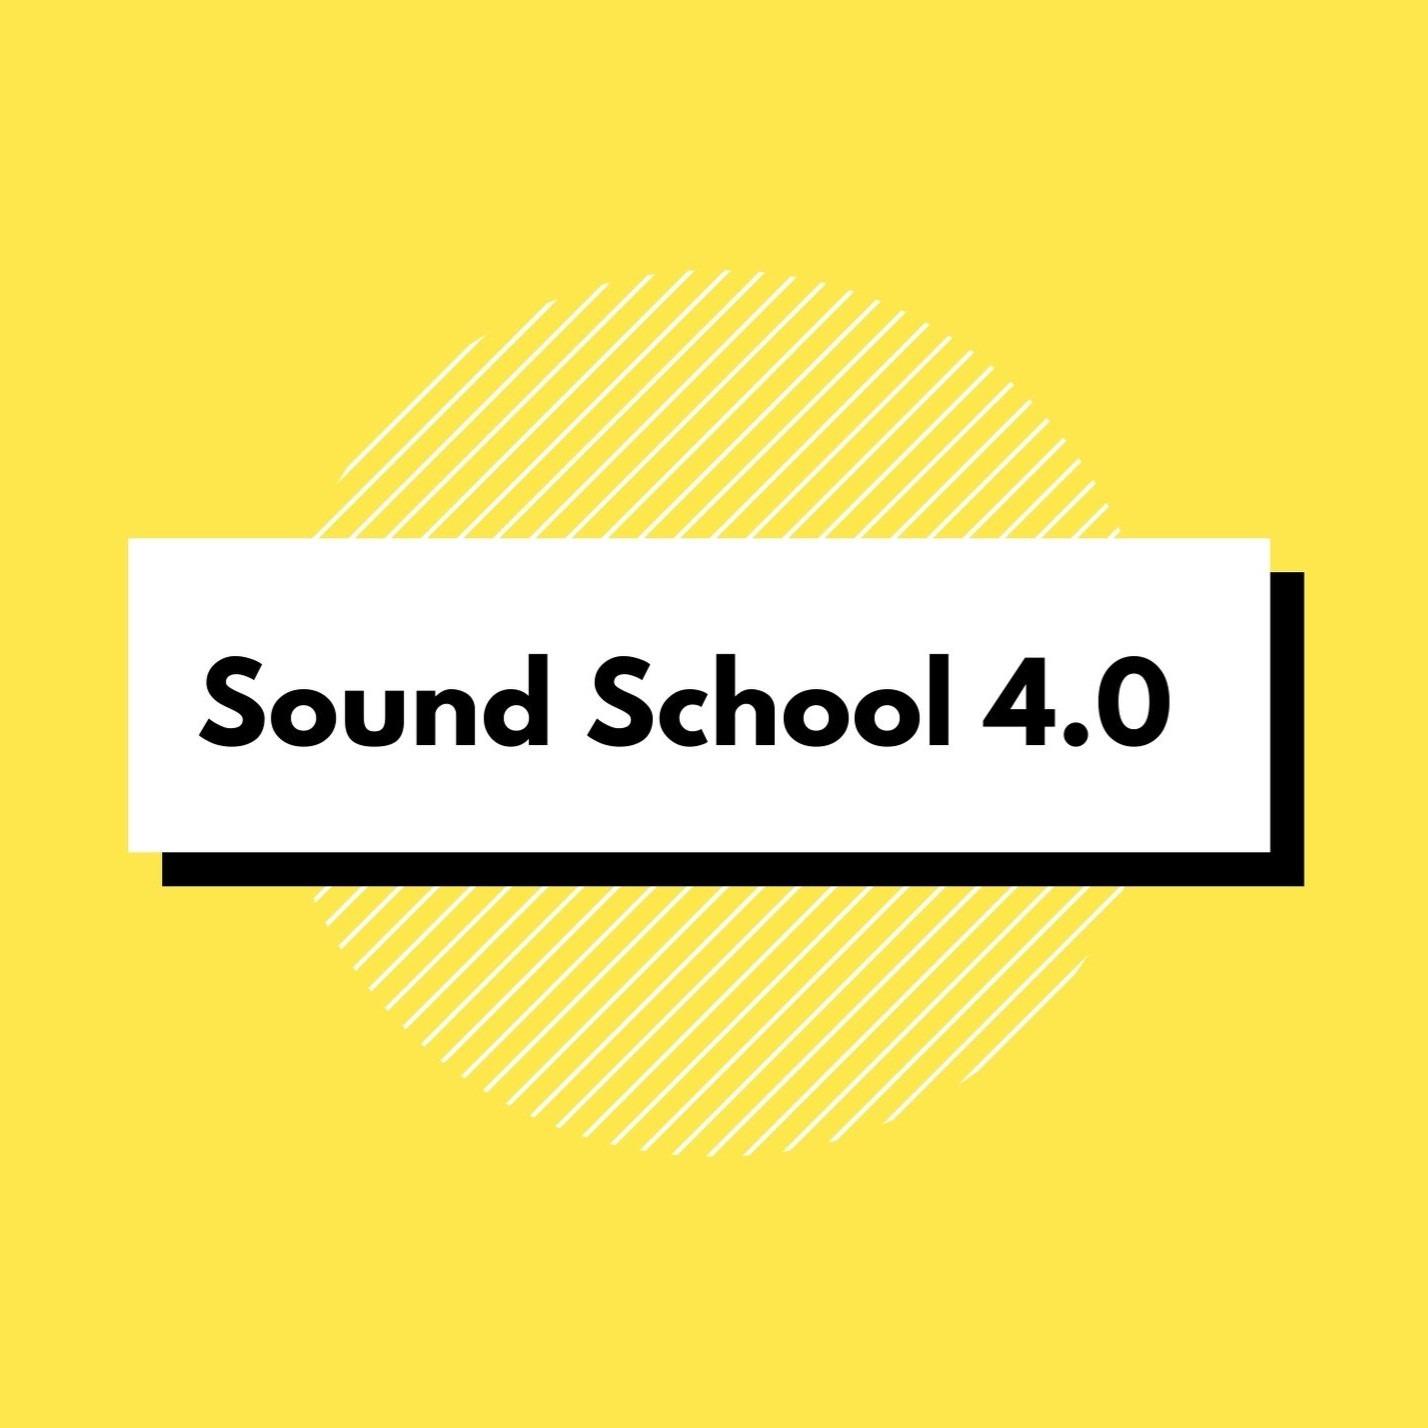 449 - Sound School, explained! Tudo o que você precisa saber!